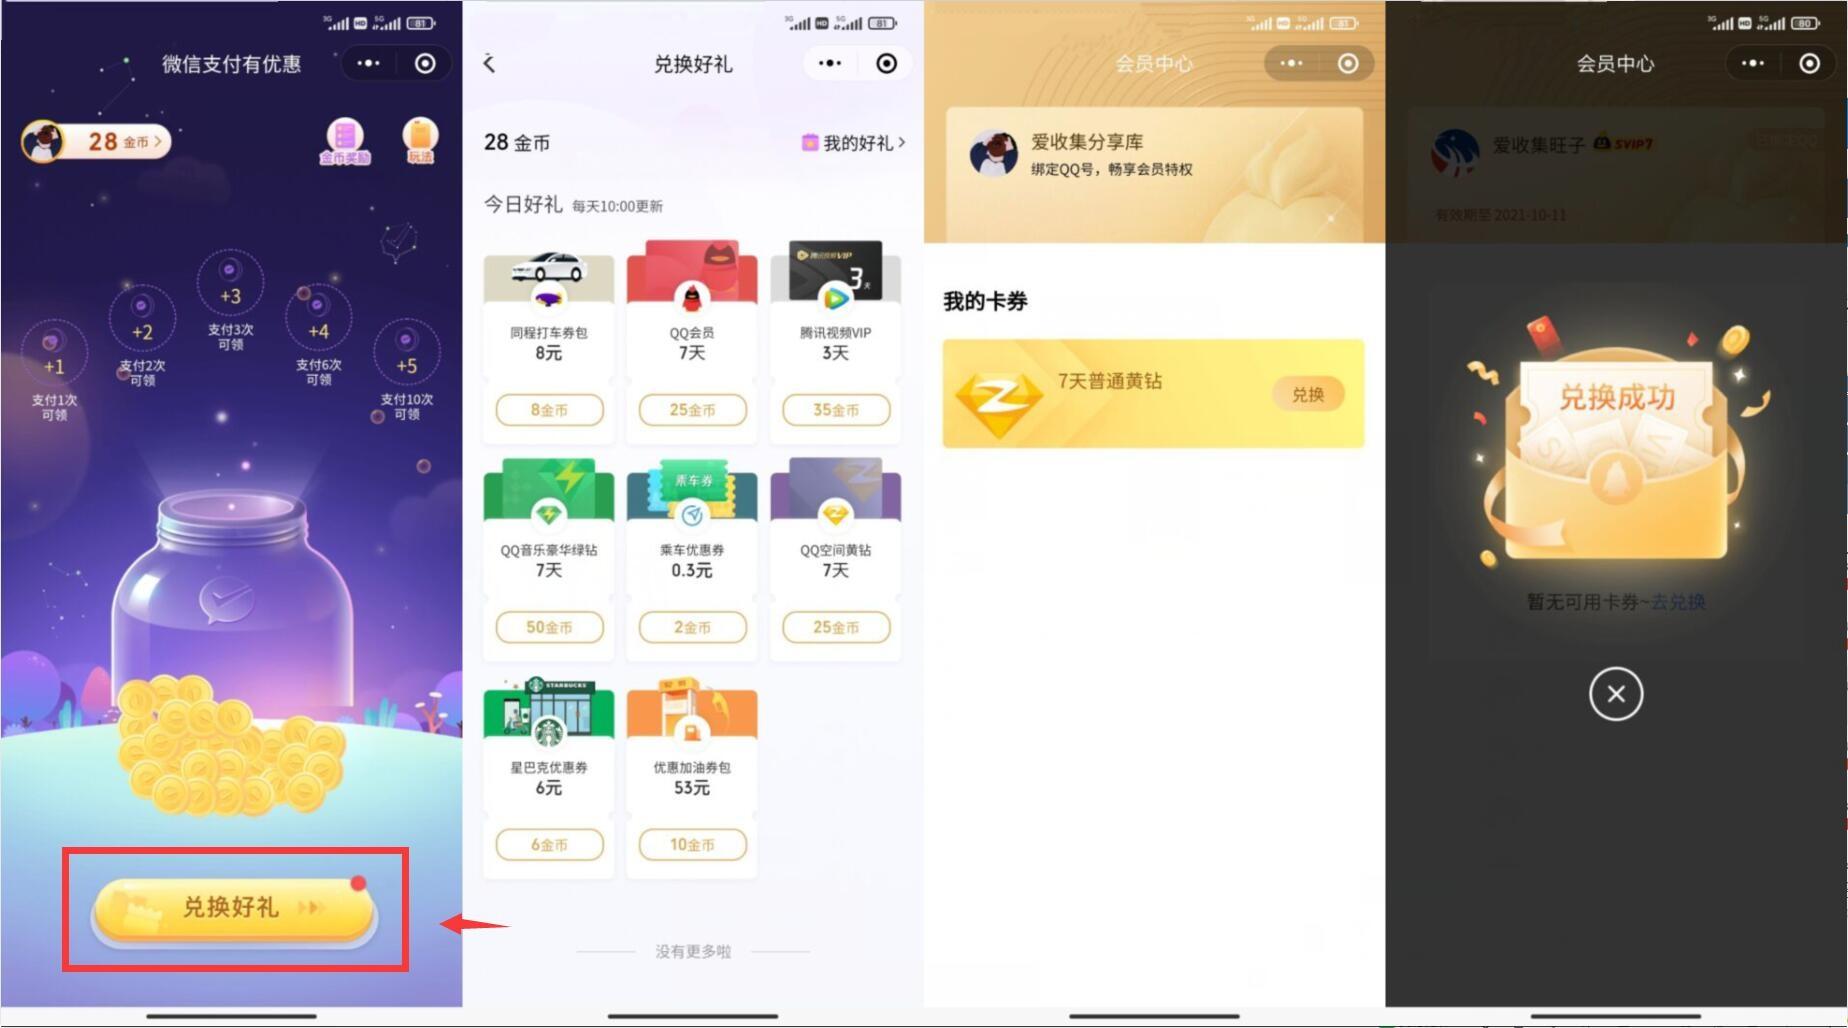 【微信0元撸QQ会员,腾讯VIP,QQ黄钻等】